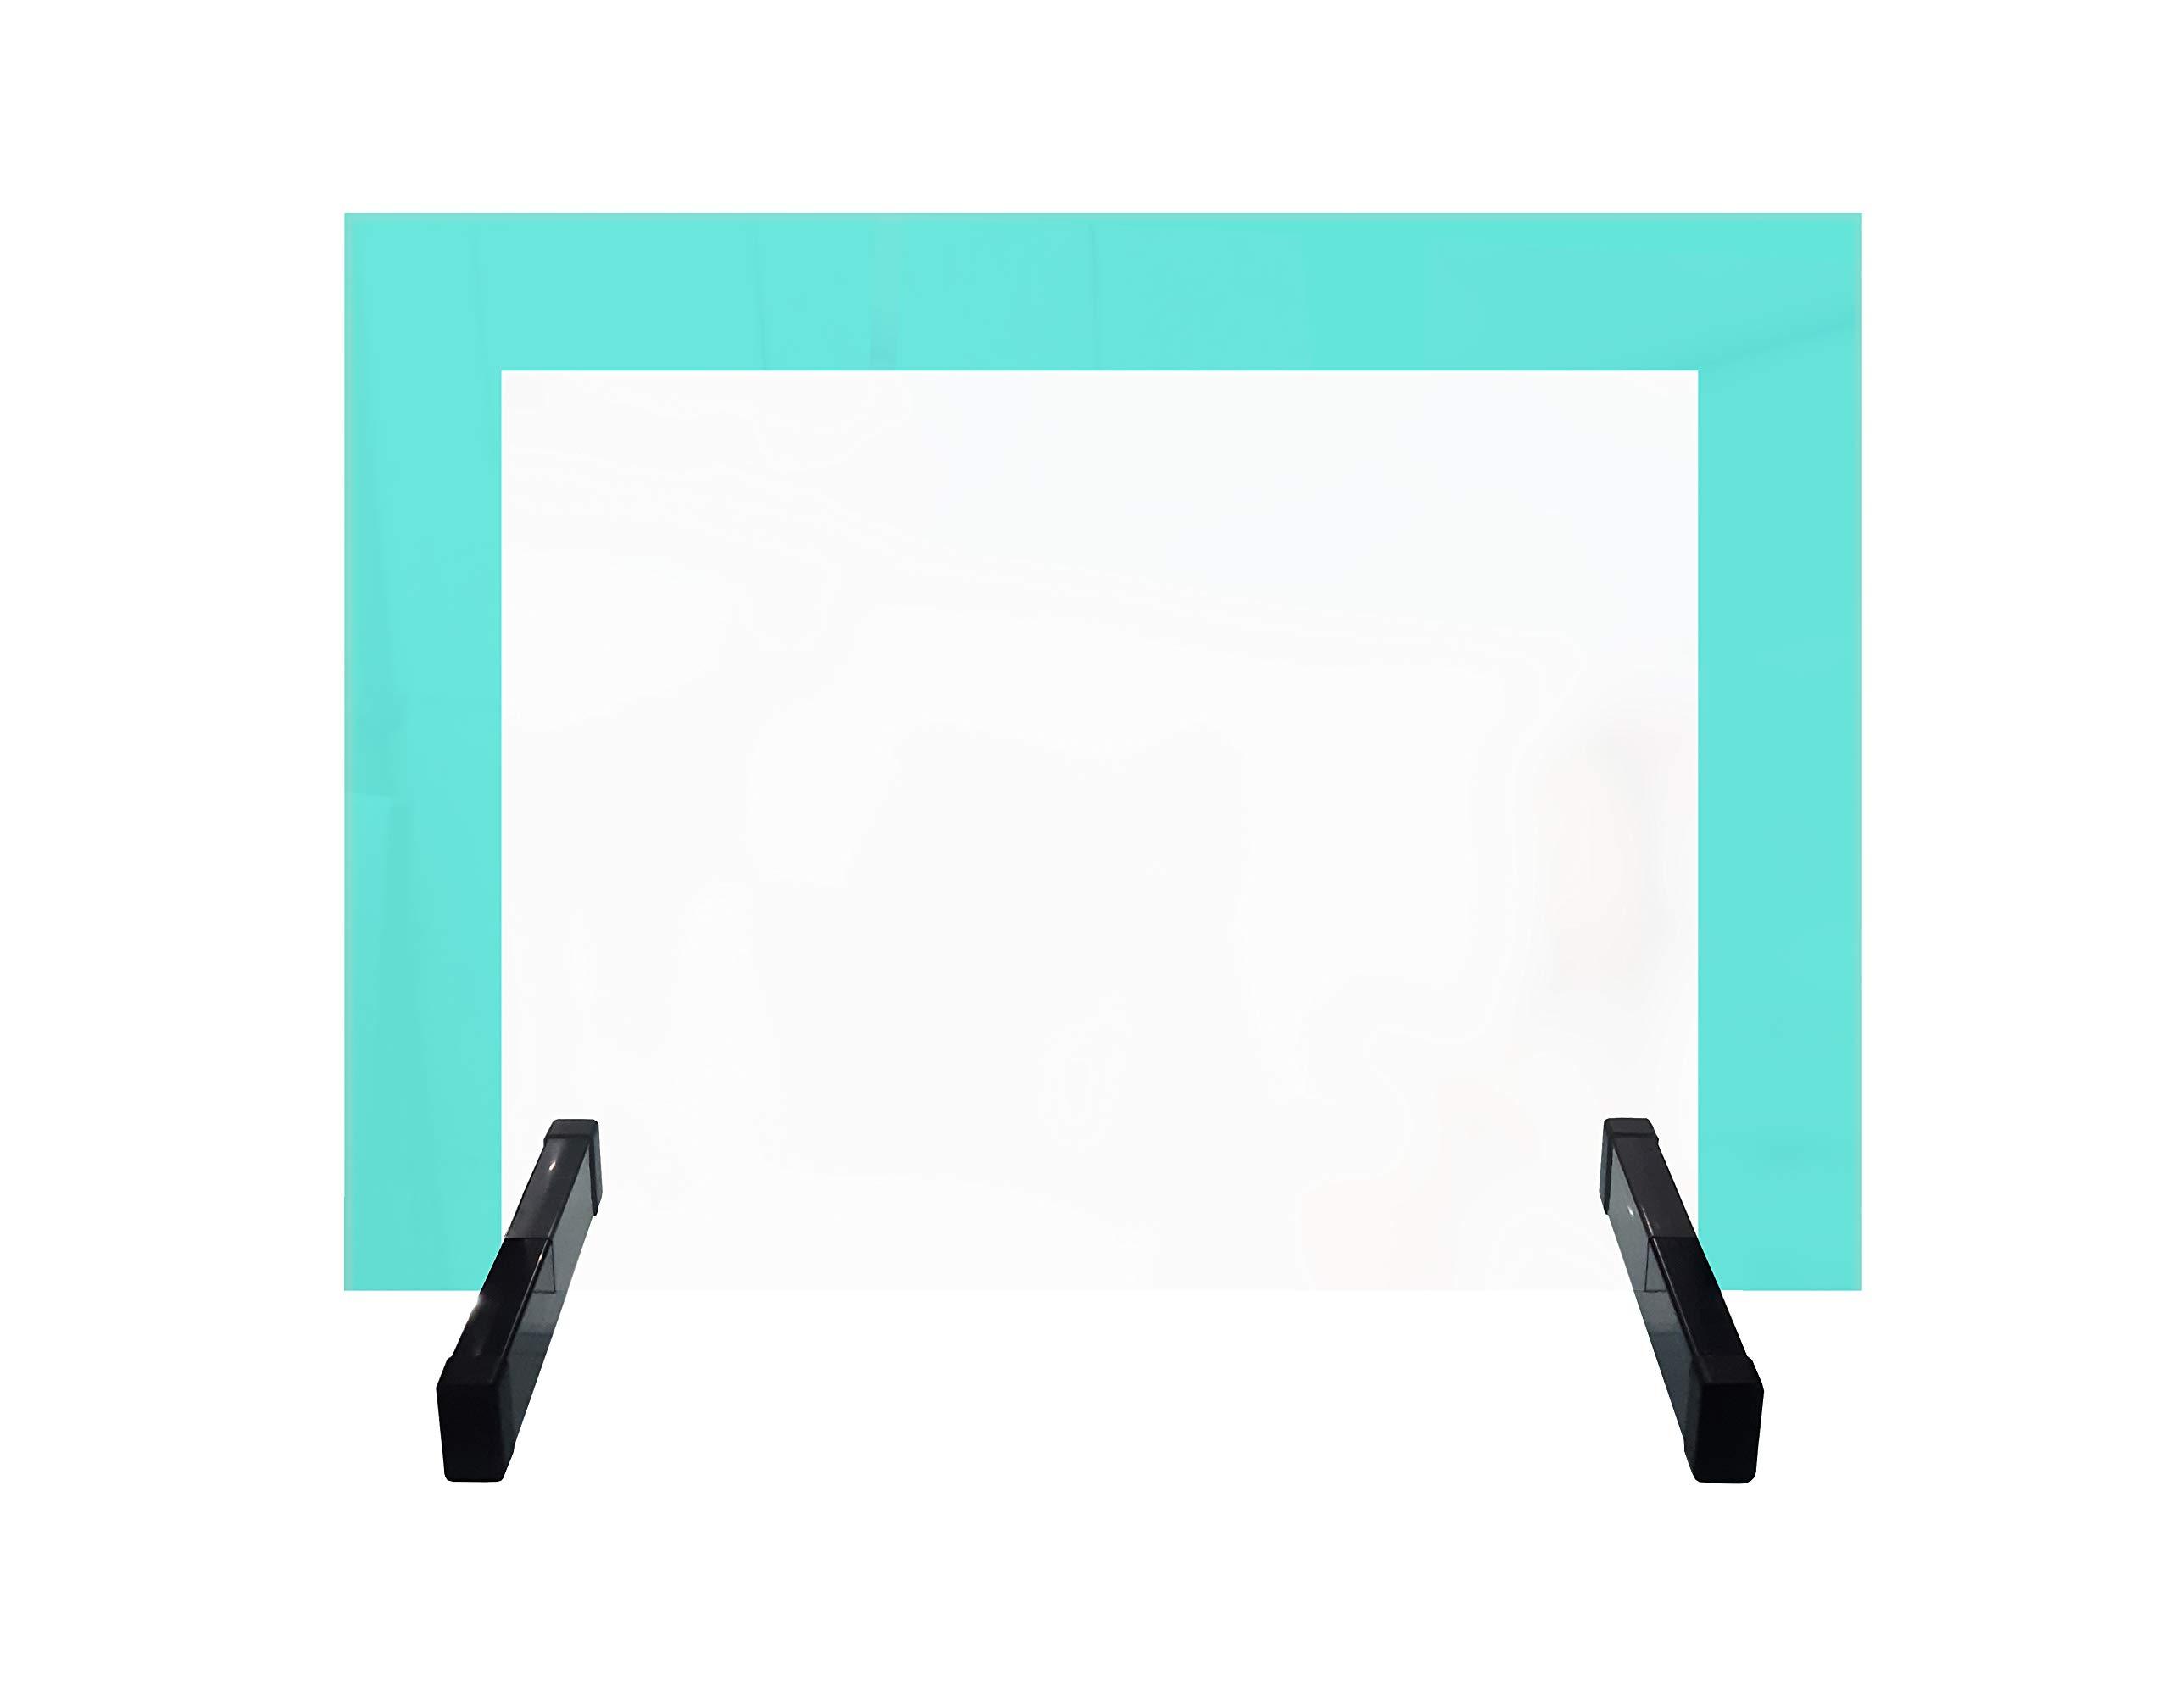 Protector de Cristal templado con bordes magnéticos - Mampara separadora para mesas en colegios, oficinas, despachos etc: Amazon.es: Oficina y papelería